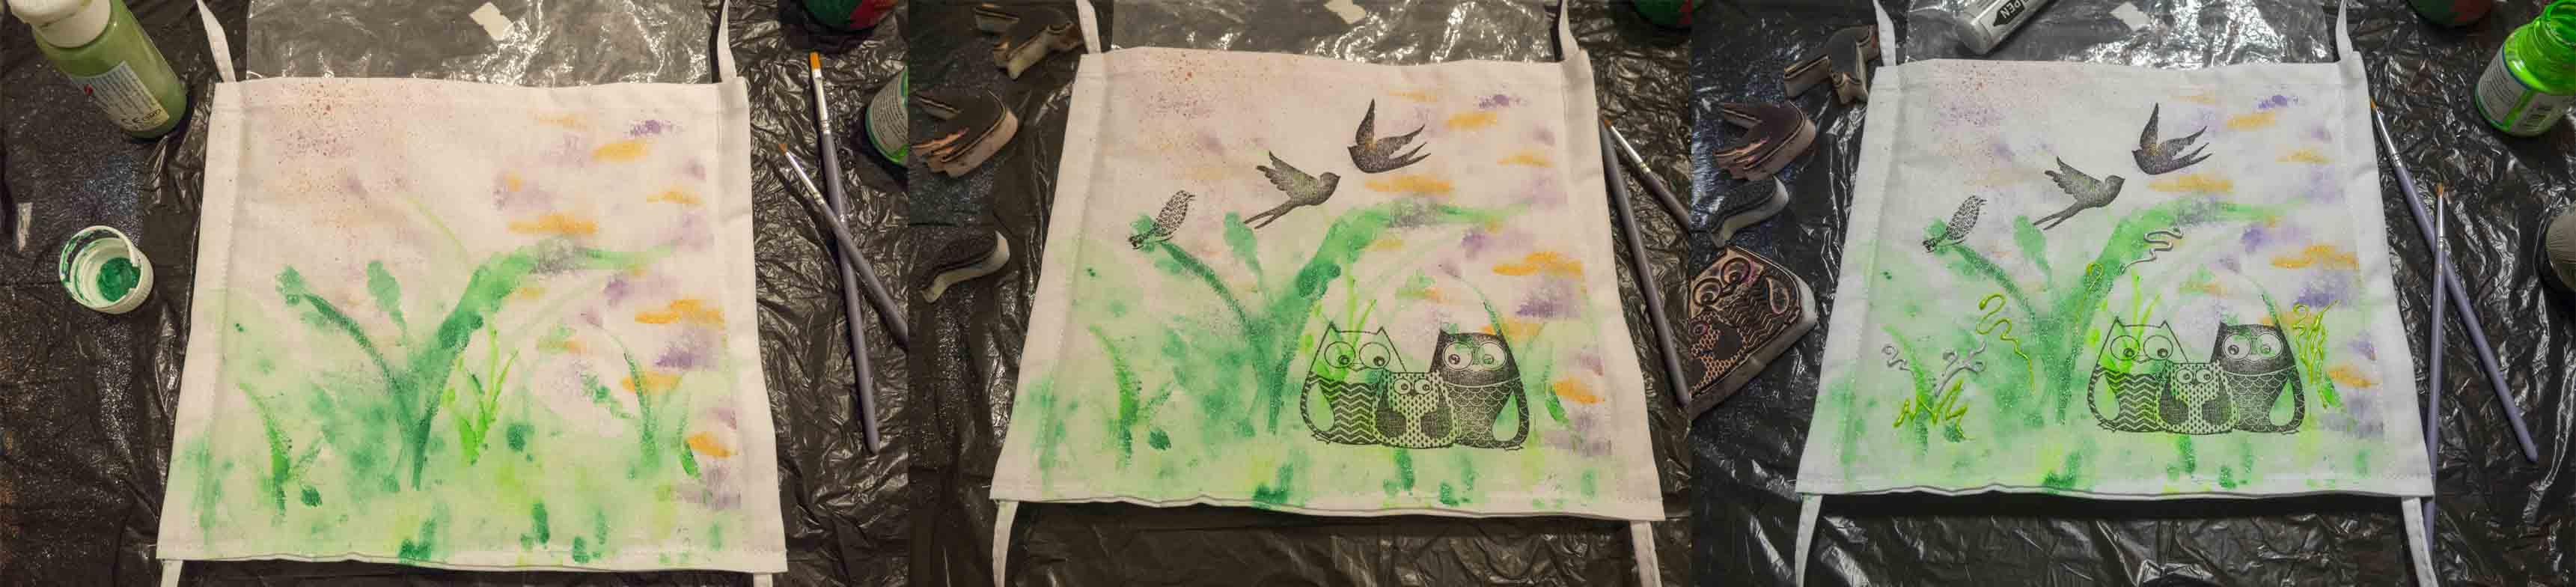 1. malování podkladu, 2. tisk razítky 3. domalování detailů